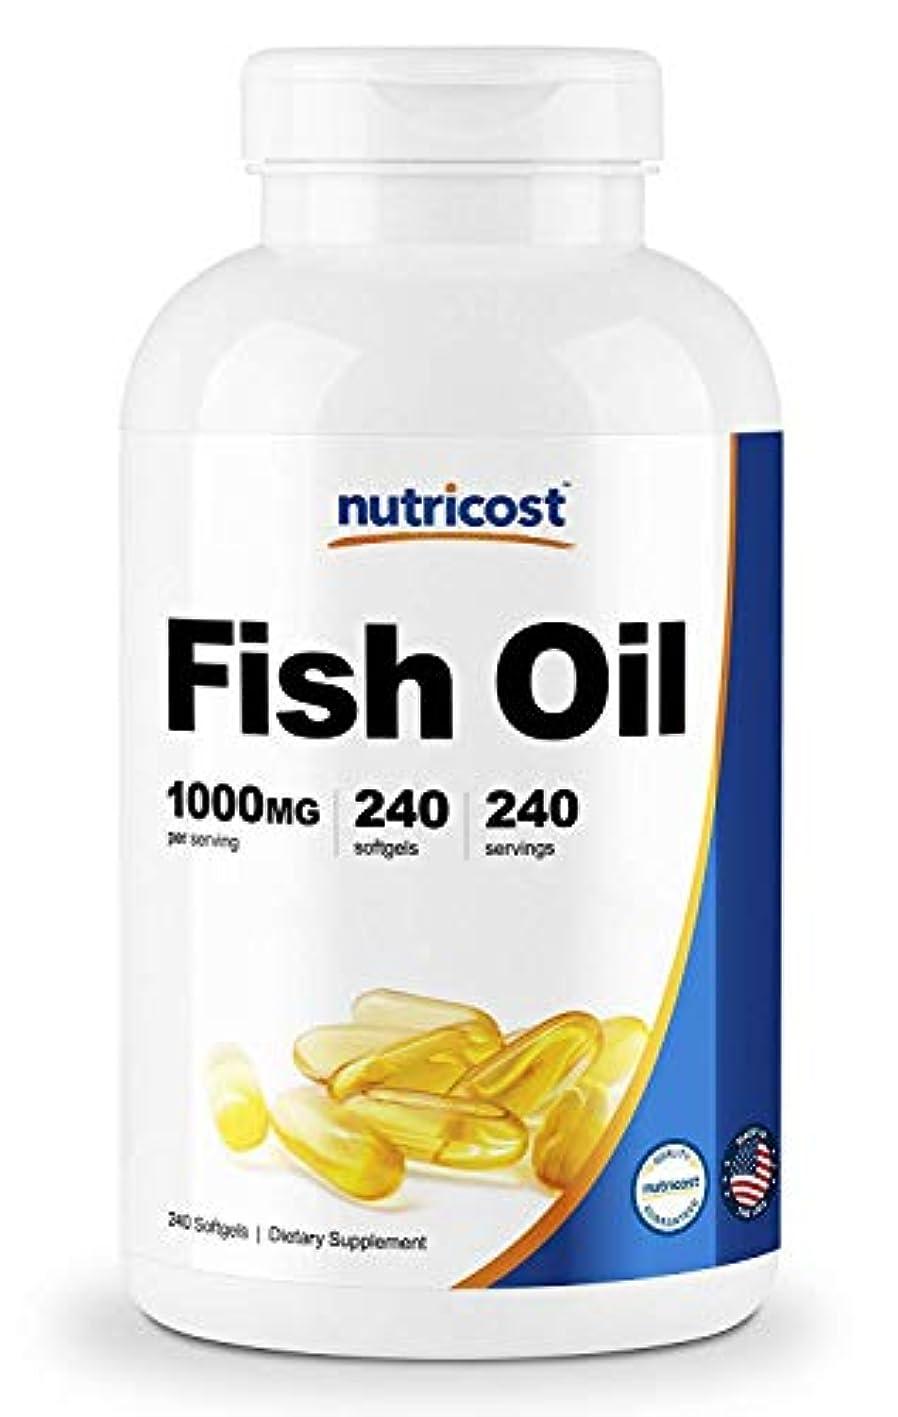 ブロードアエイリアンNutricost 魚油オメガ3 1000mg(オメガ3の600mg)、240ソフトジェル - 非GMO、グルテンフリー